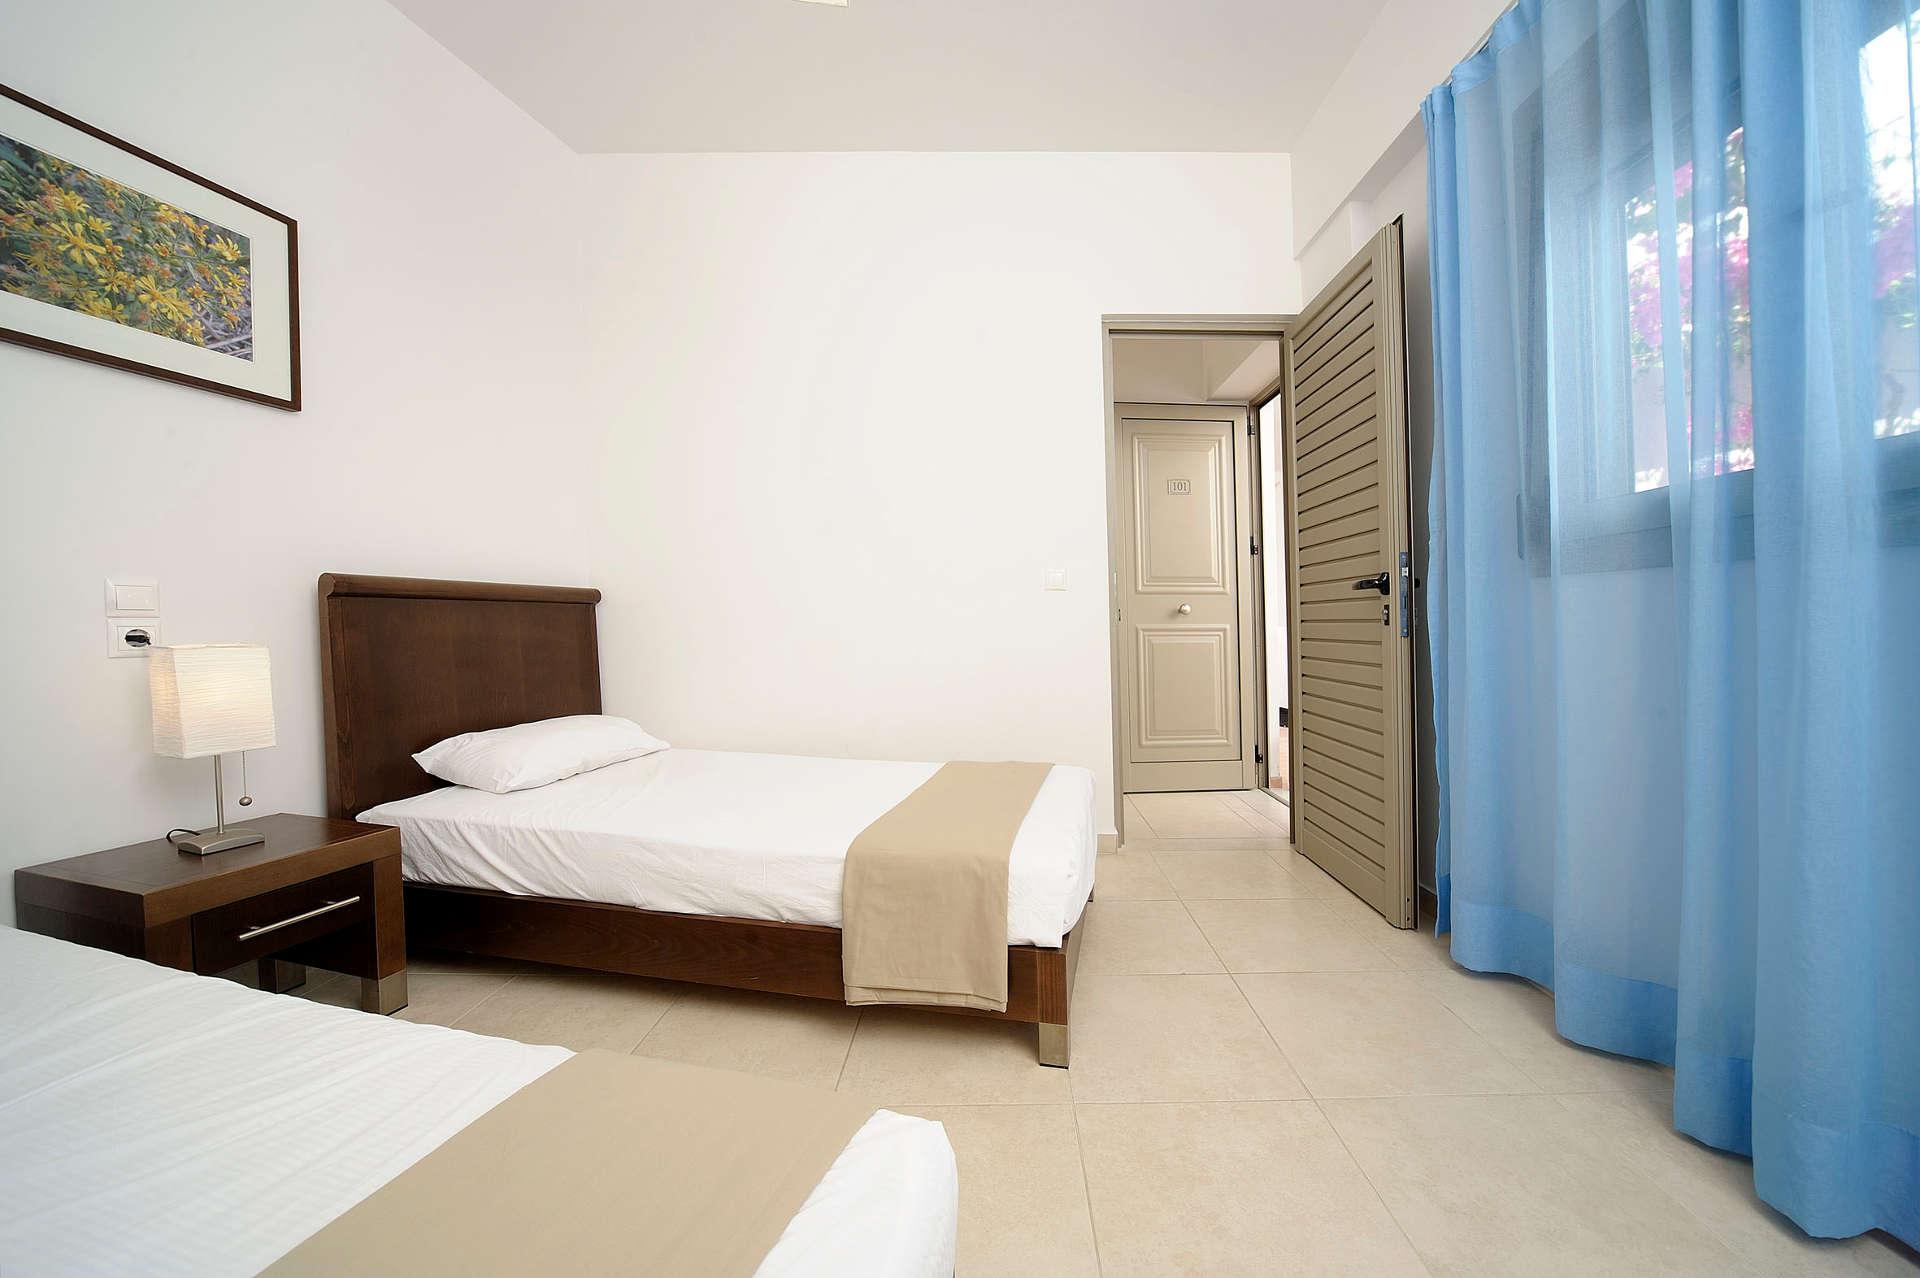 glaros_room07